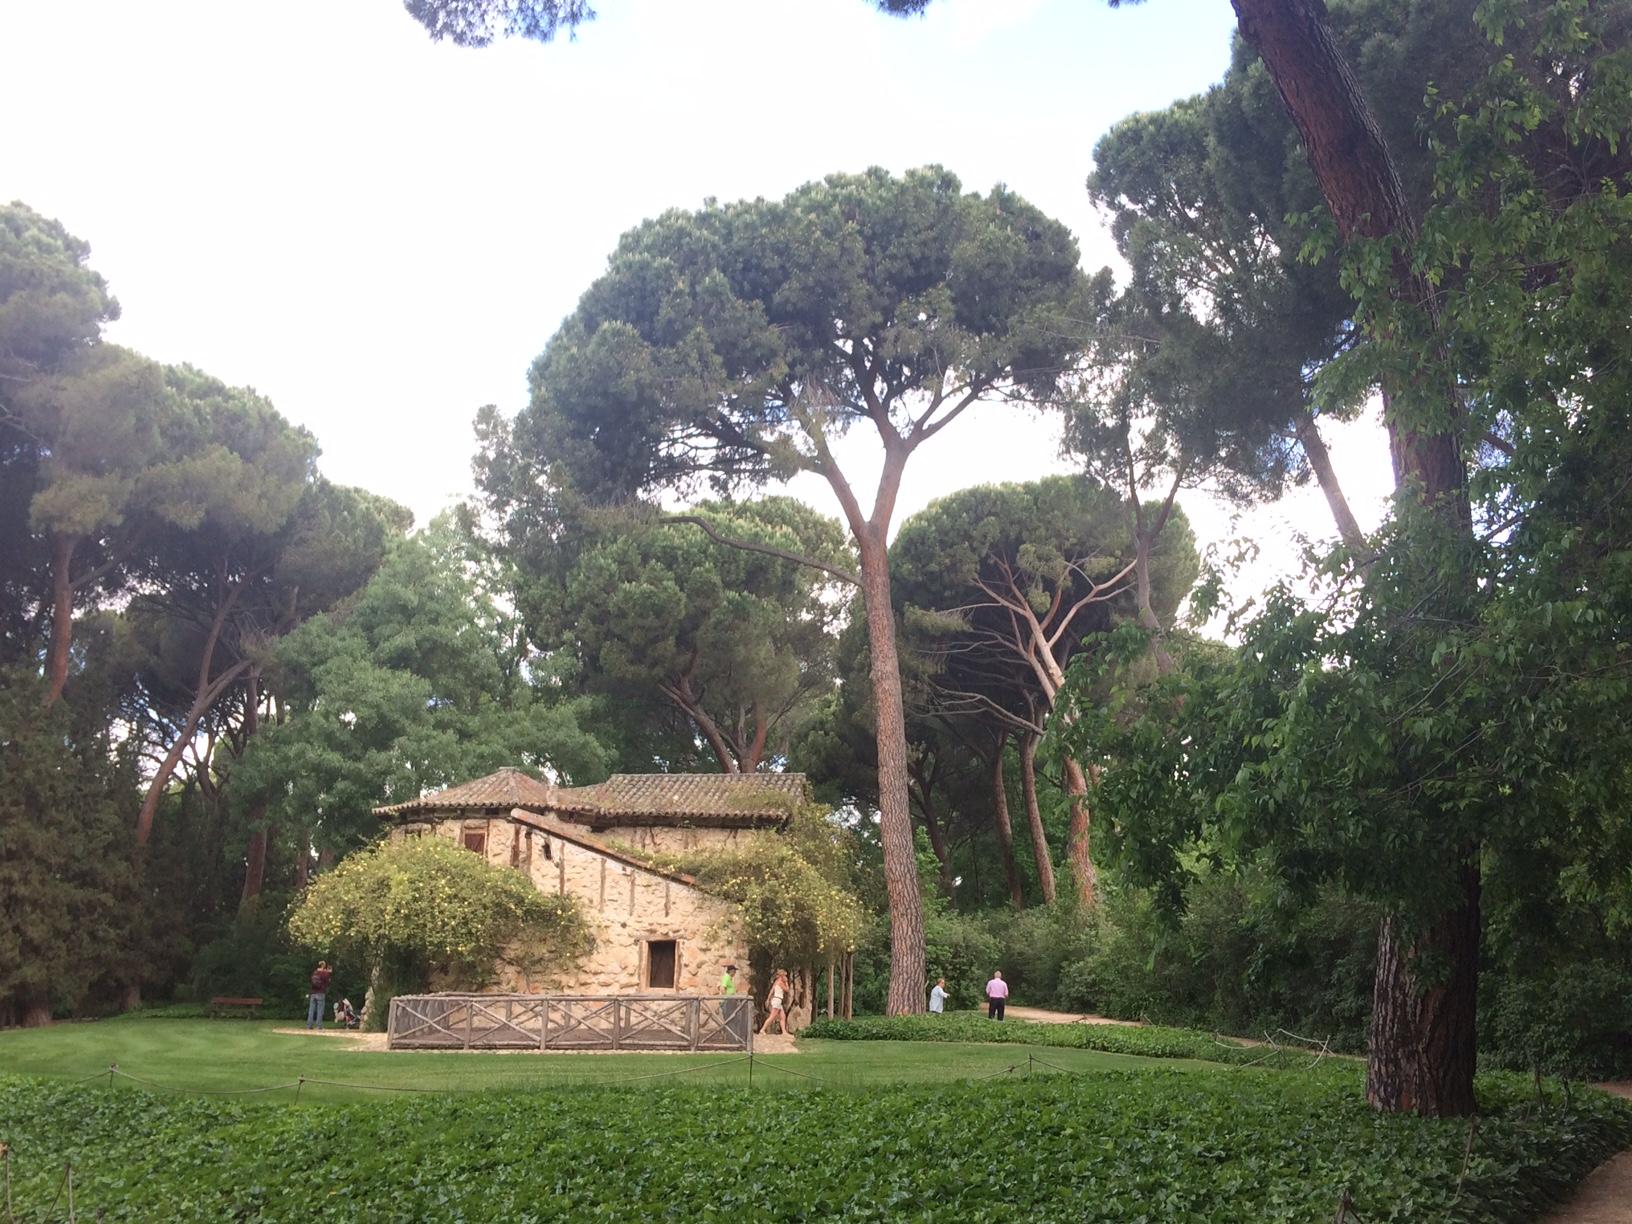 Casa de la abuela en el parque del Capricho